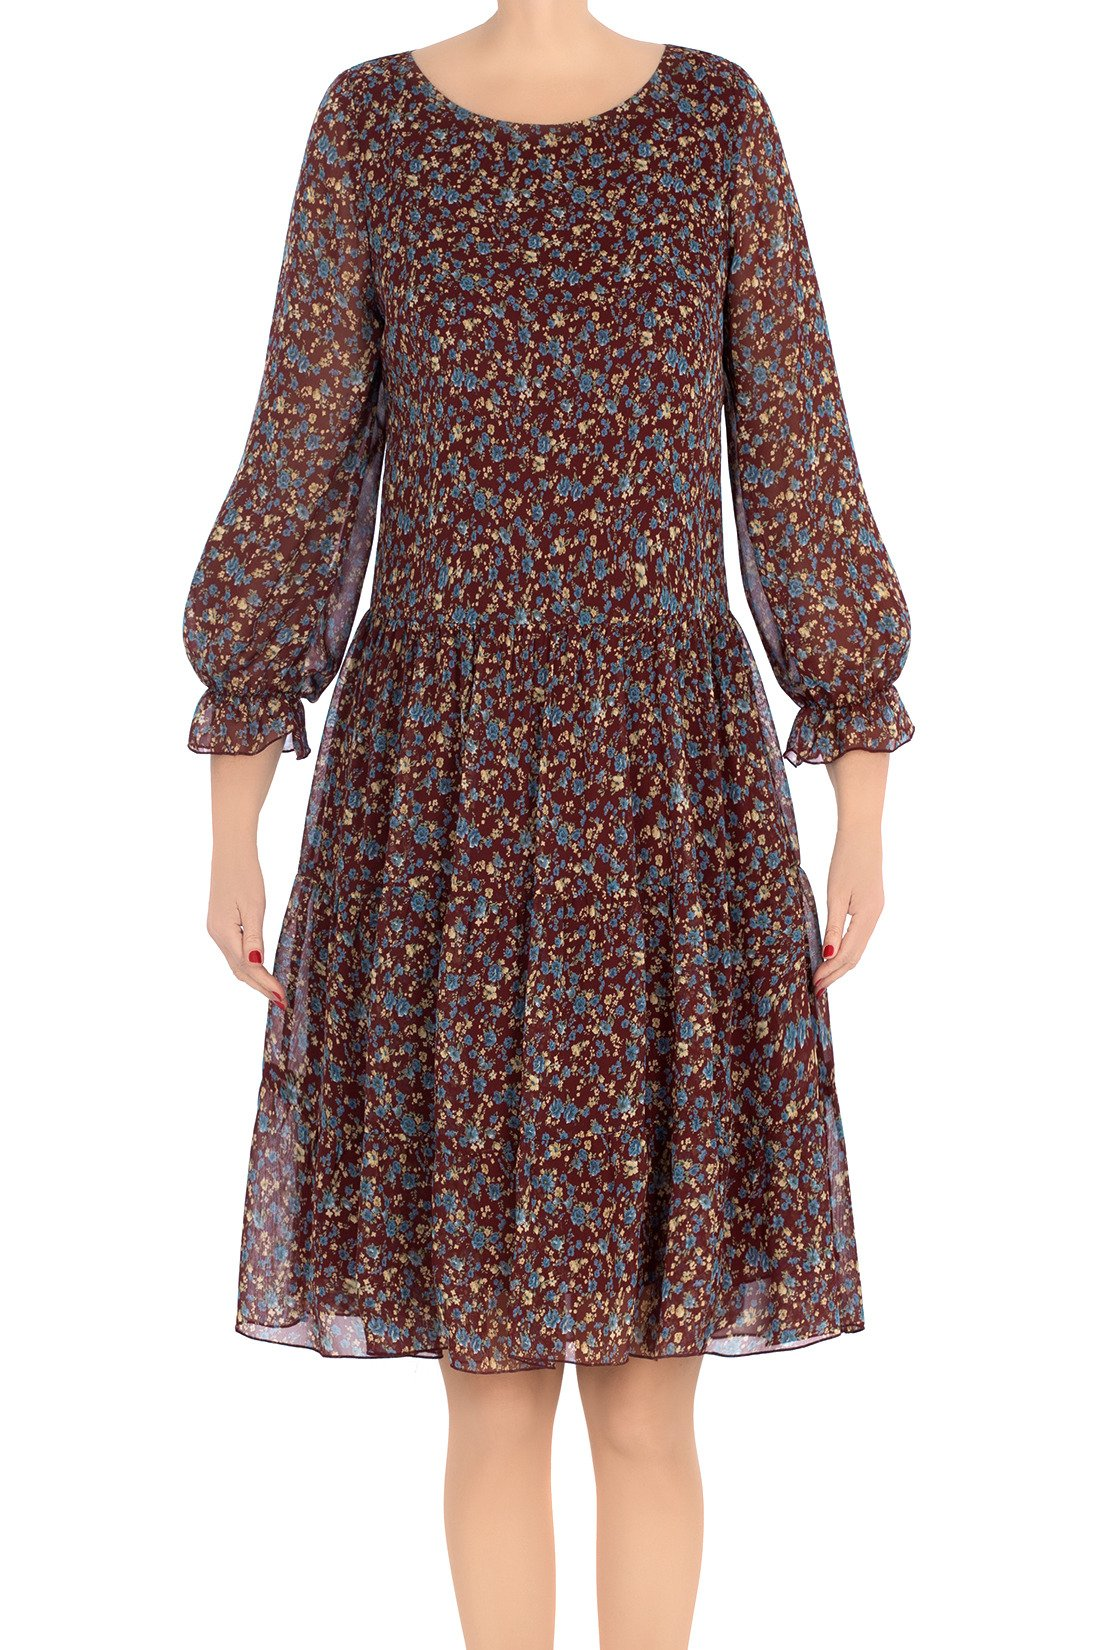 6f94b87950 Modna sukienka damska Pola bordowa w beżowe kwiatki 3214 Kliknij